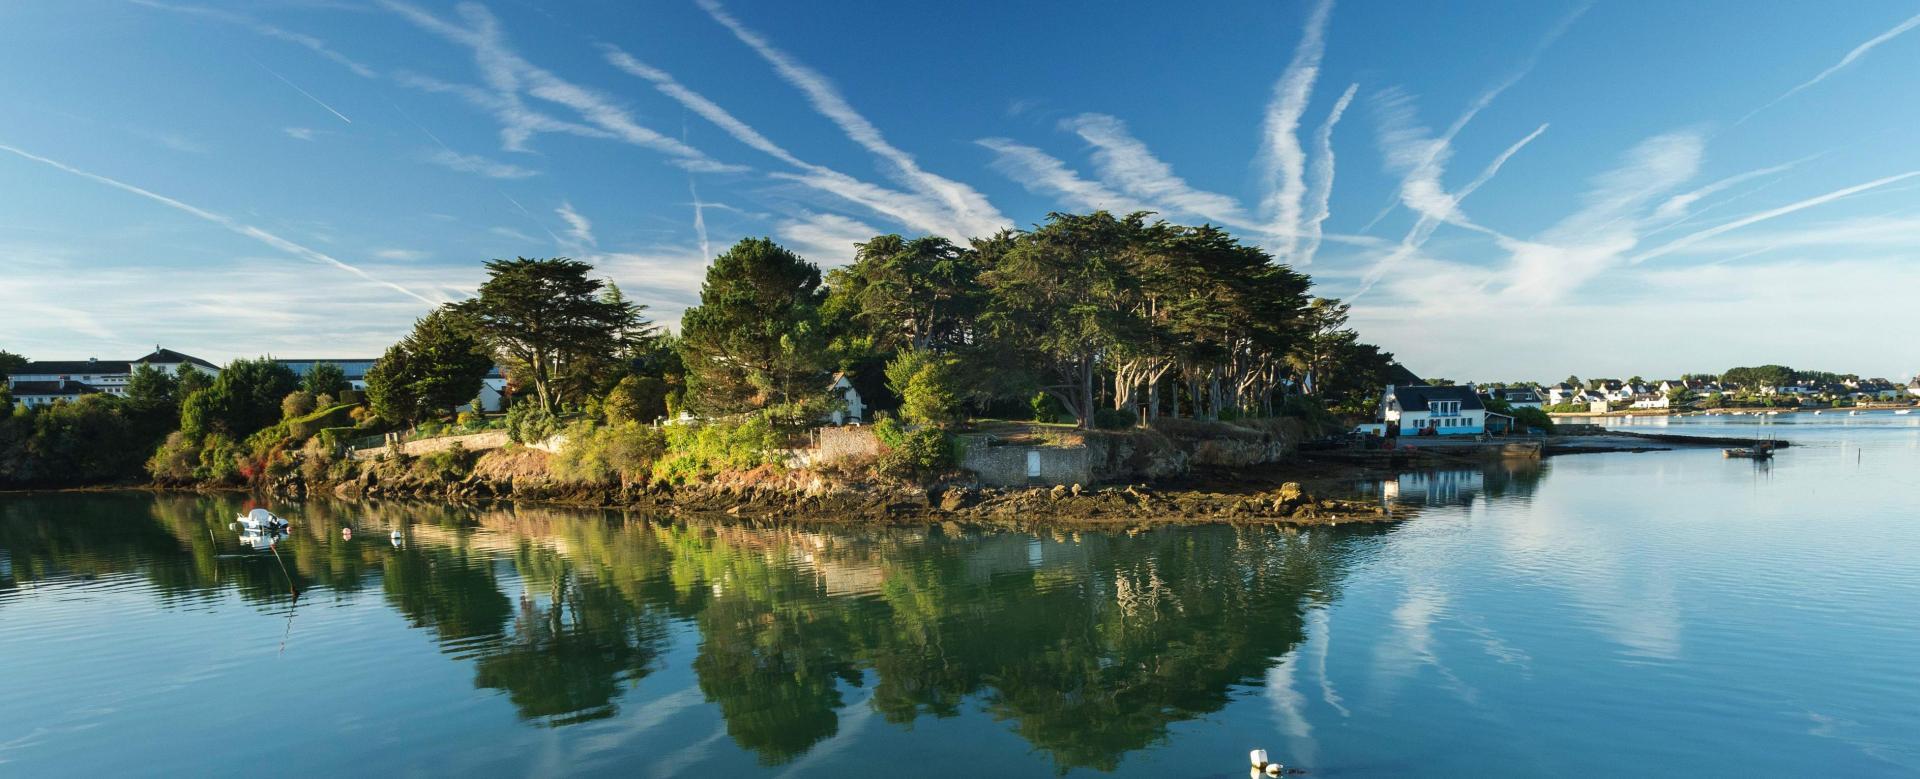 Voyage à pied : Le golfe du morbihan